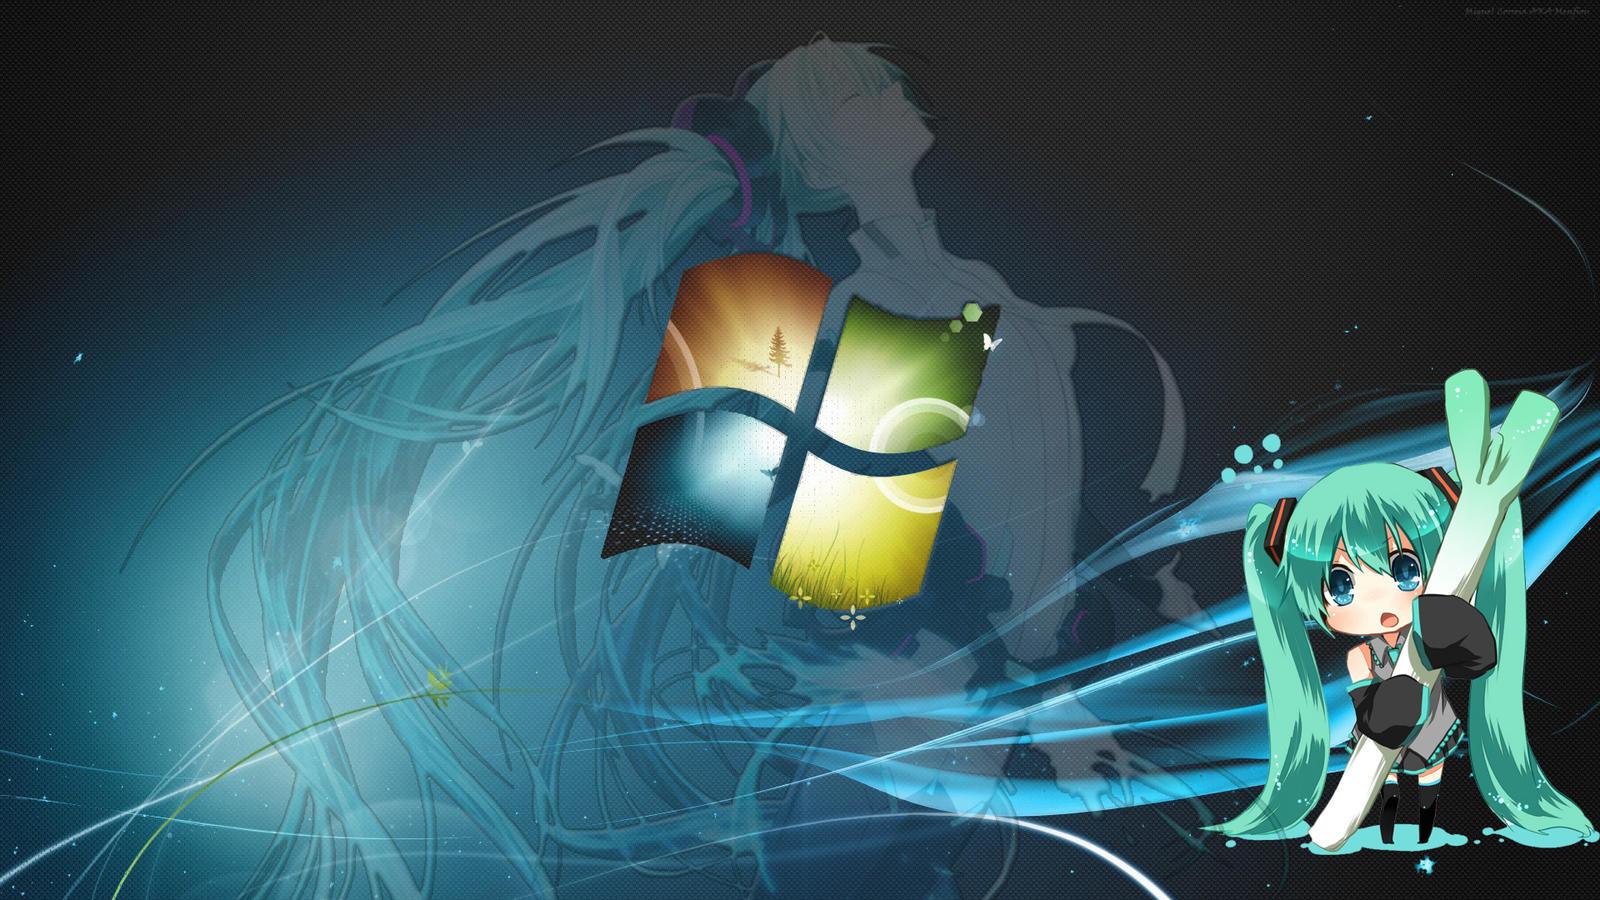 Hatsune Miku/Windows Wallpaper by Menfiou on DeviantArt